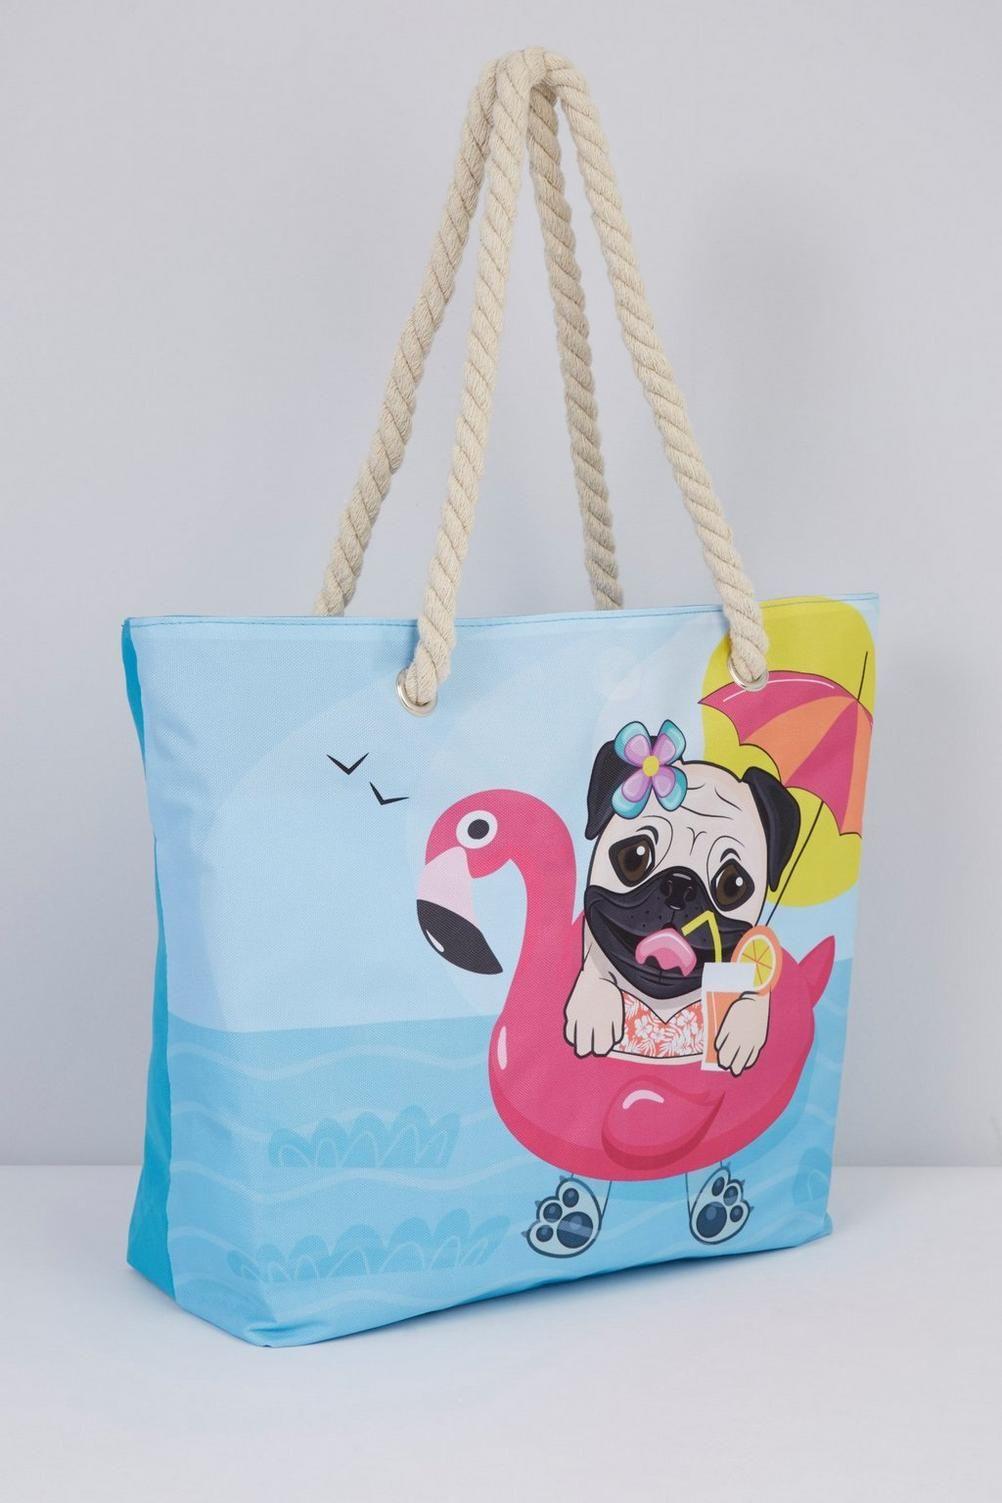 56a8e852b43e Image for Pug Beach Bag from studio | Flamingo! | Flamingo beach ...